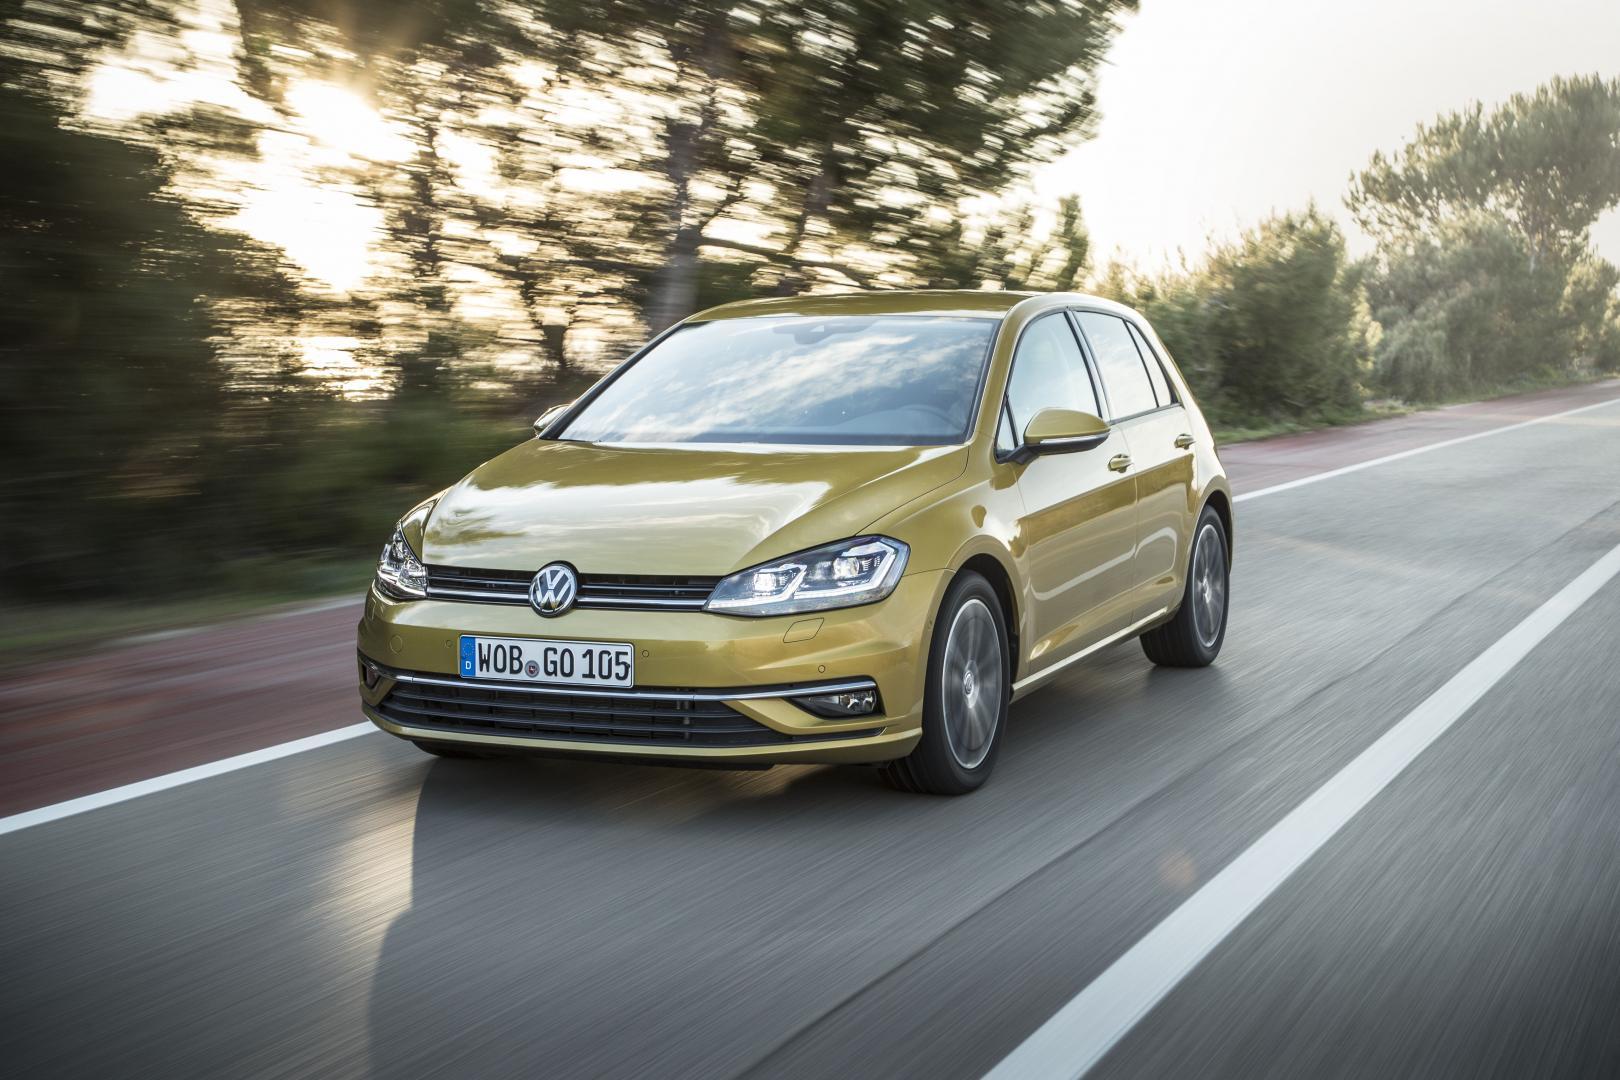 Nieuwe Volkswagen Golf 1.5 TSI Nieuwe Volkswagen Golf 1.5 TSI ...